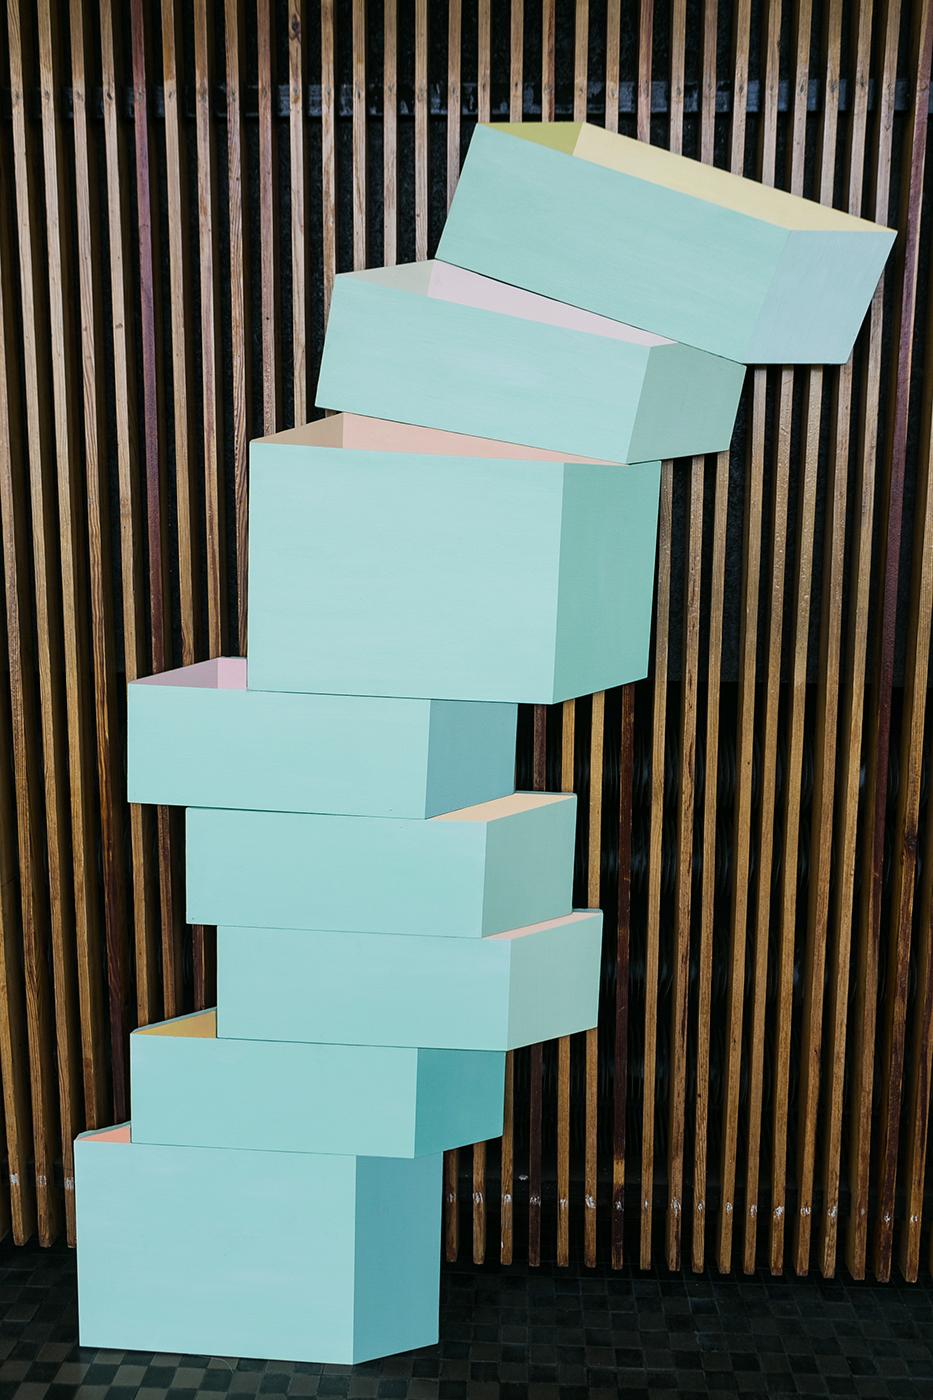 """15. edycja Przeglądu Sztuki SURVIVAL """"Rozwarstwienie"""" / 15th edition of SURVIVAL Art Review  """"Stratification"""""""